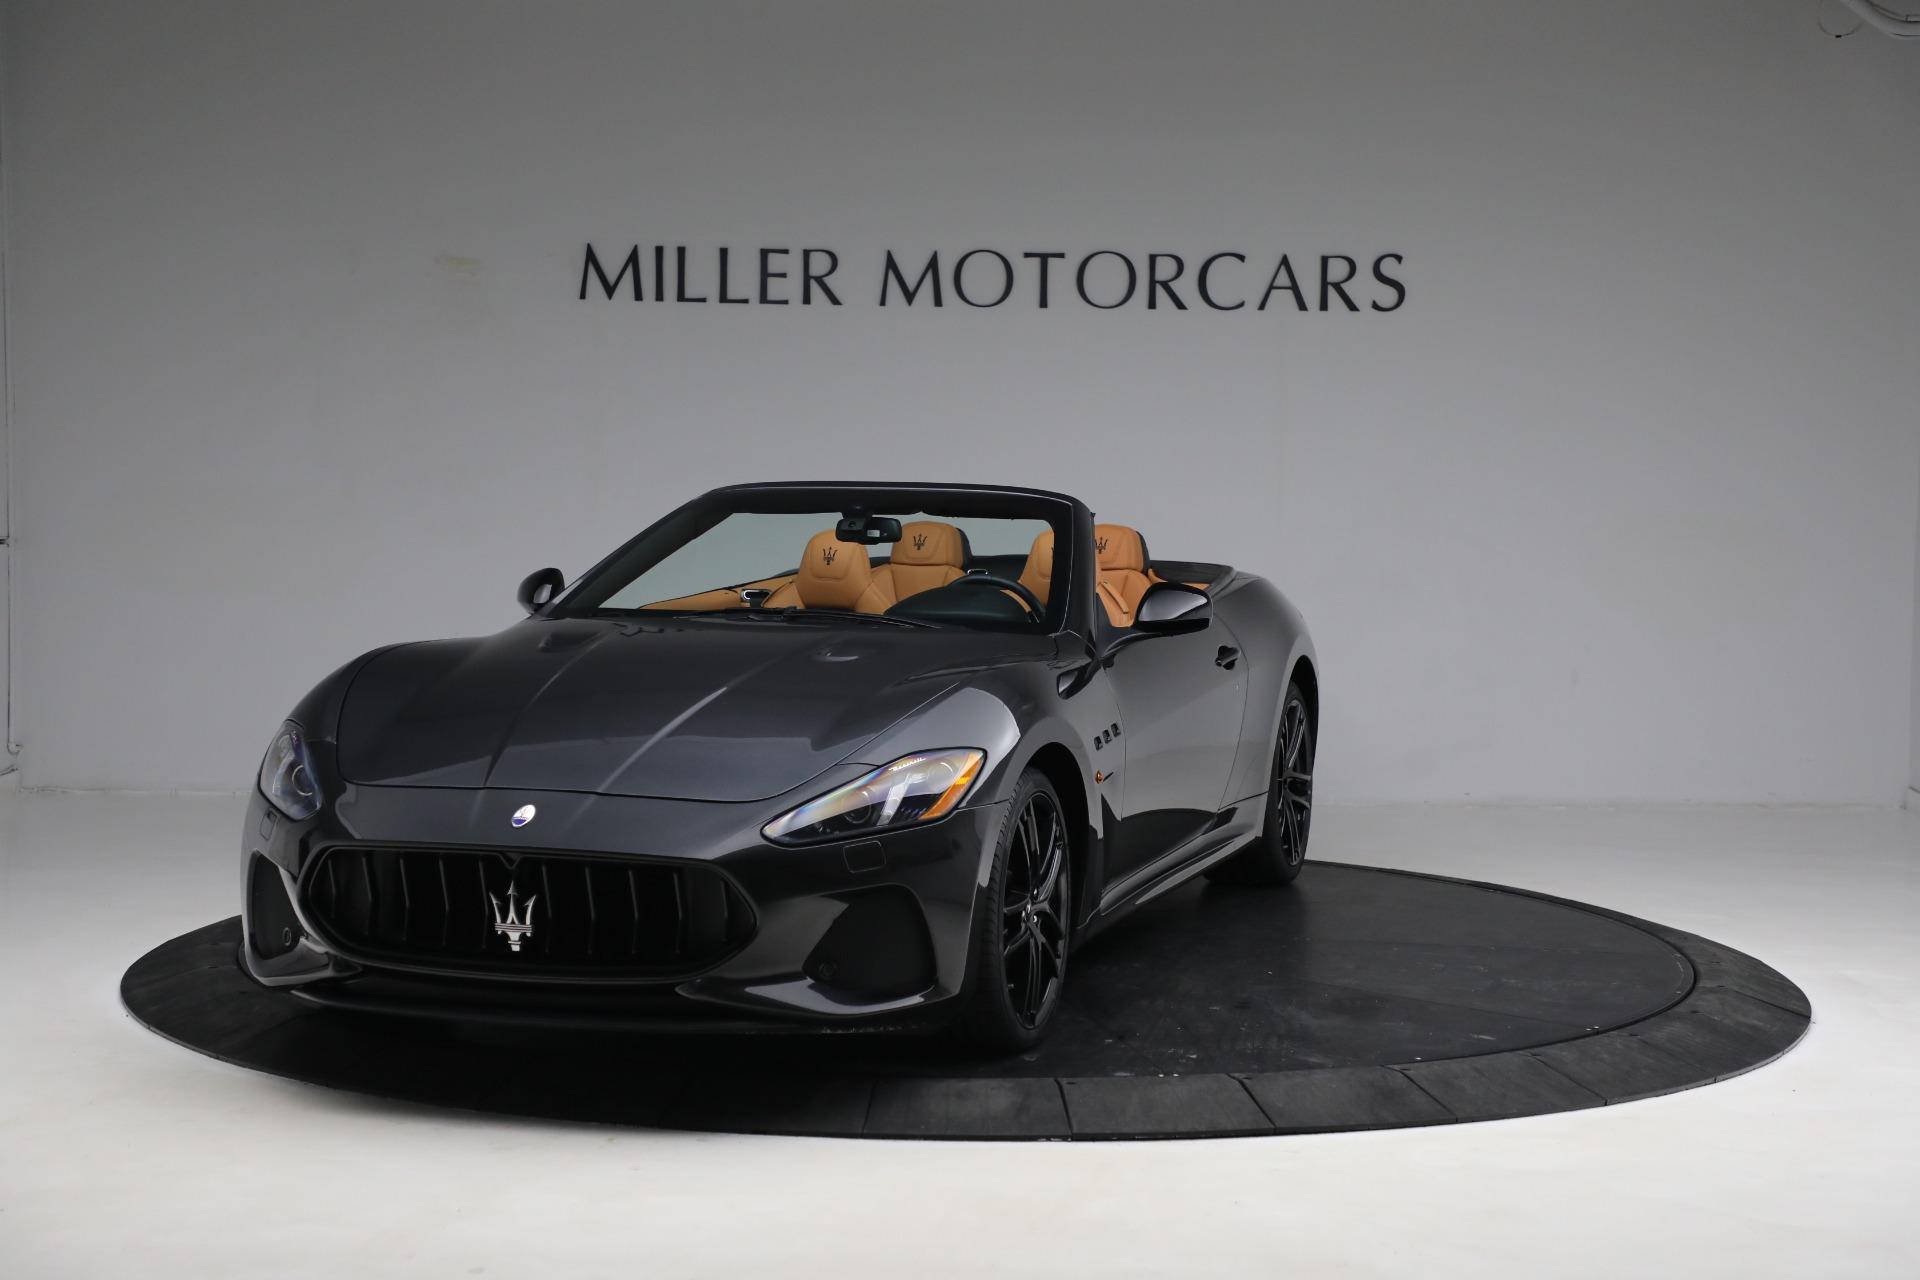 New 2019 Maserati GranTurismo MC Convertible for sale Sold at Aston Martin of Greenwich in Greenwich CT 06830 1